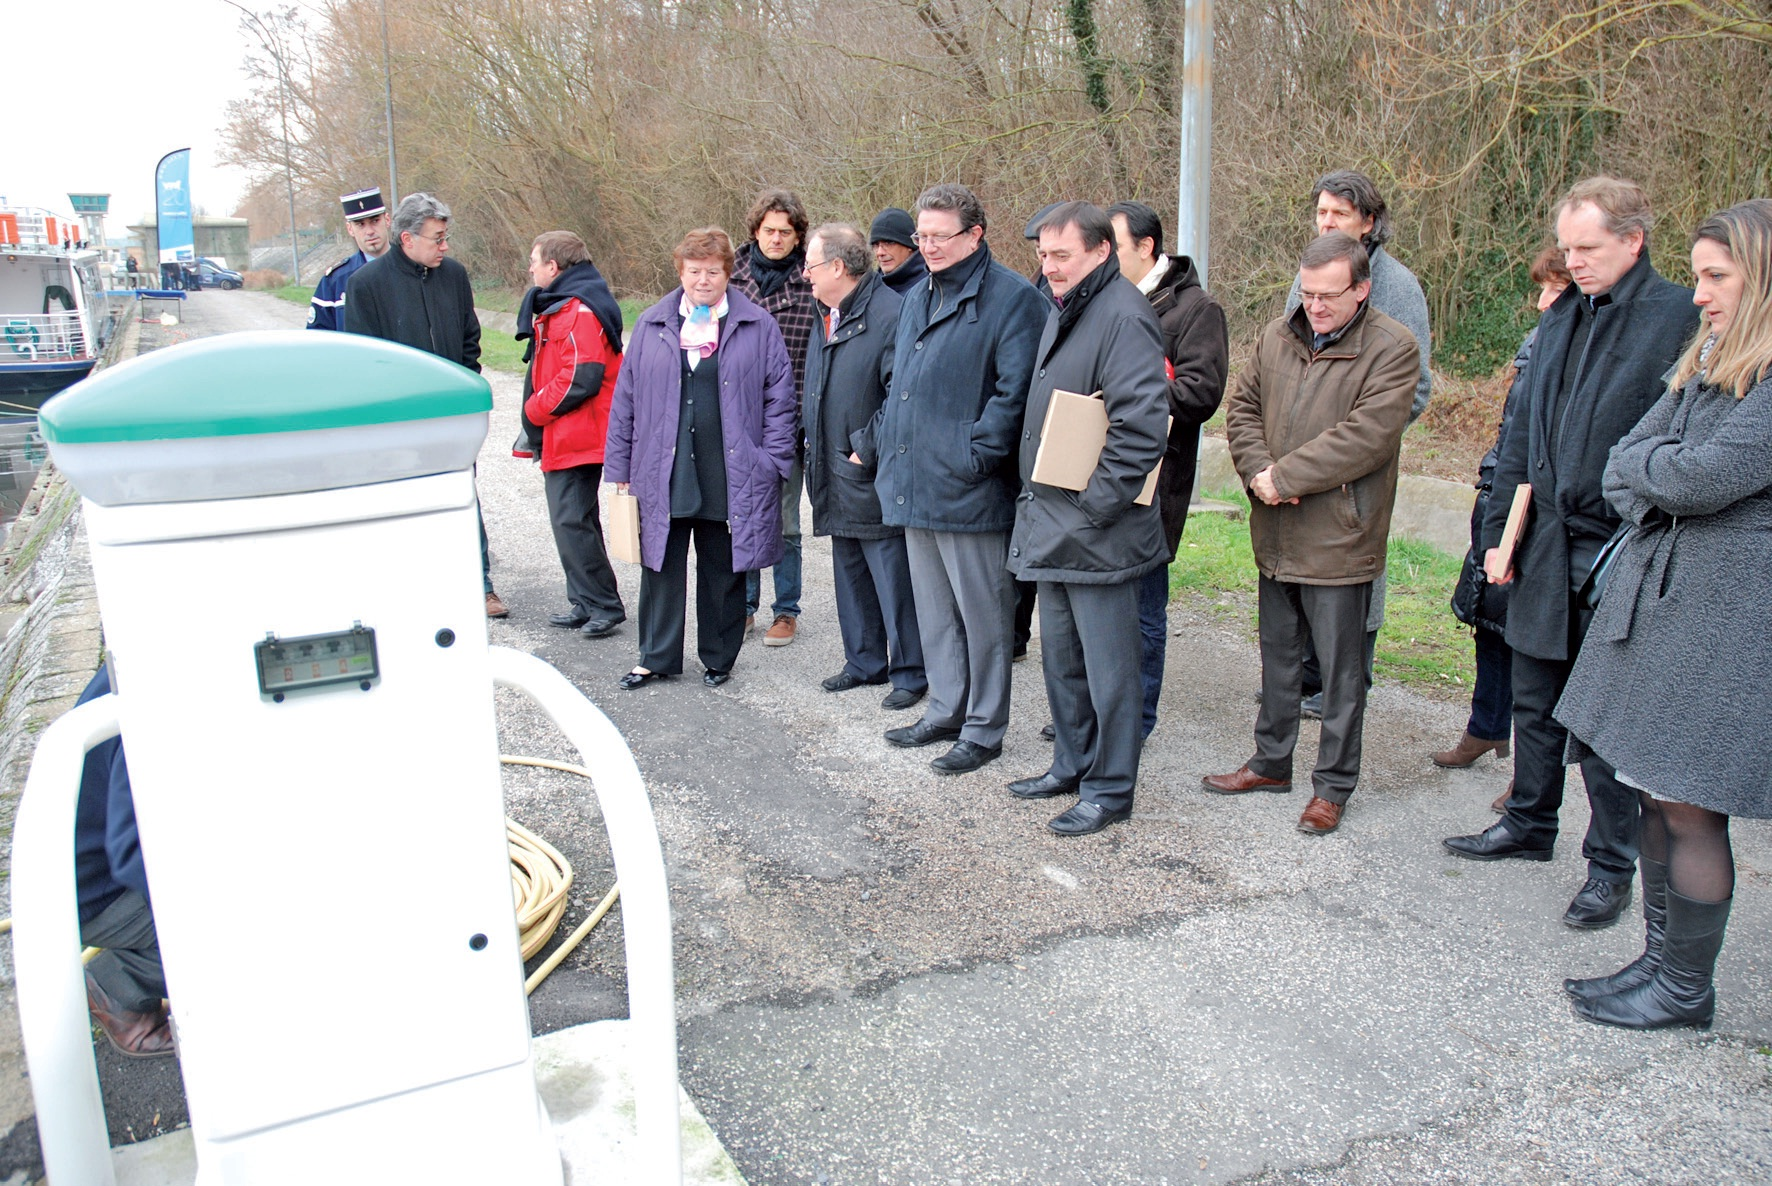 Une déchetterie ainsi que des bornes de distribution d'eau et d'électricité ont été inaugurées.